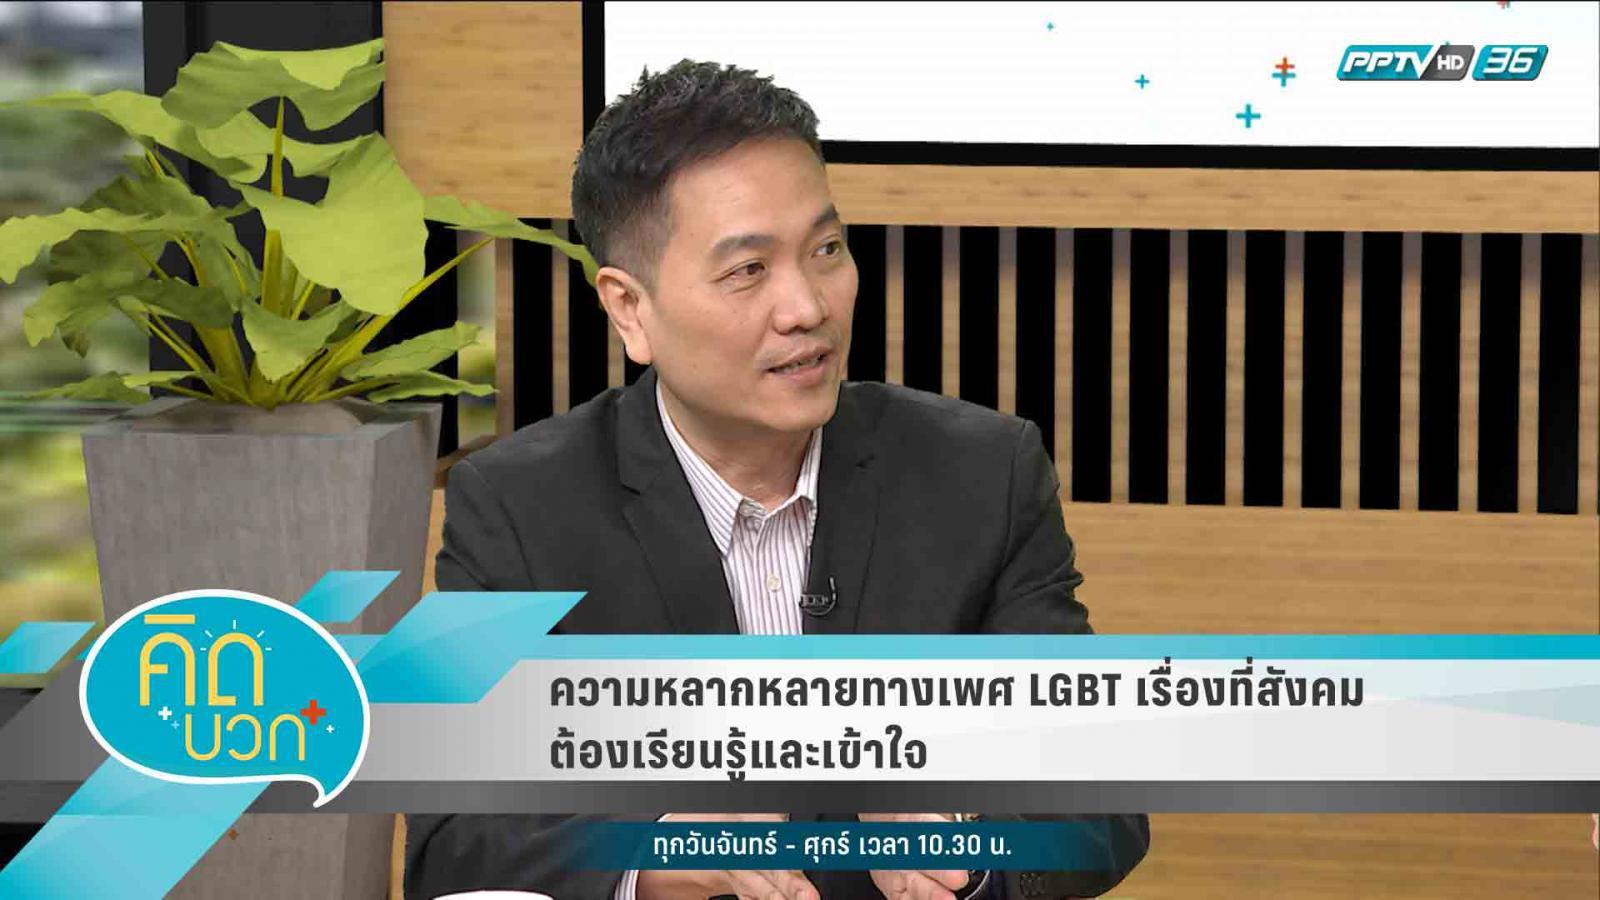 ความหลากหลายทางเพศ LGBT เรื่องที่สังคม ต้องเรียนรู้และเข้าใจ